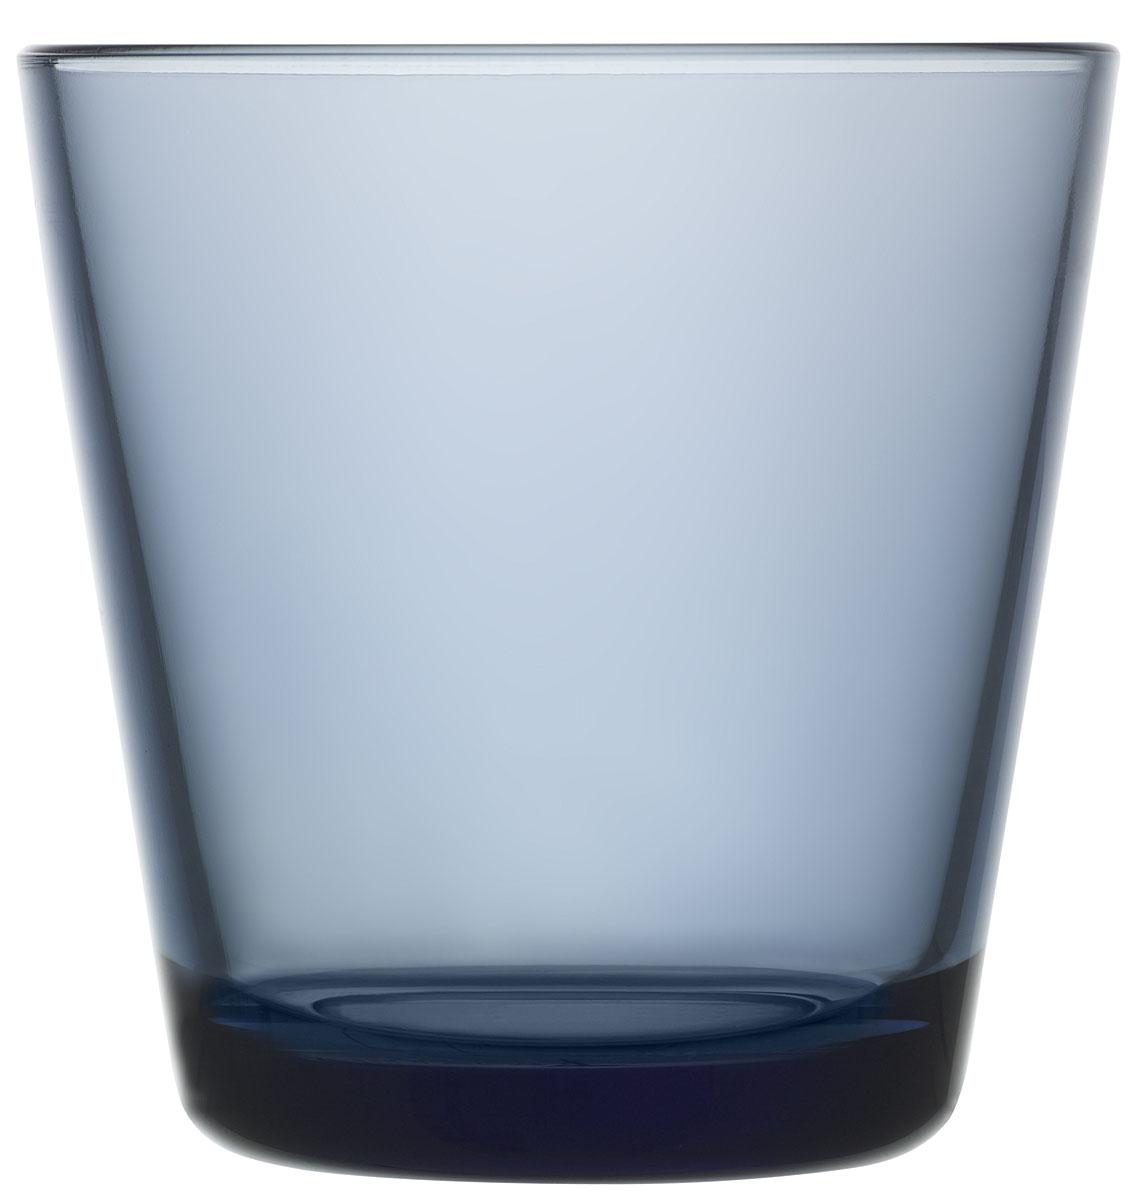 Набор стаканов Iittala Kartio, цвет: темно-синий, 210 мл, 2 шт1008721Стаканы Iittala выполнены из высококачественного стекла. Изделия имеют удобную изящнуюформу, которая позволит им комфортно лежать в вашей руке. Дизайн стаканов будет радовать глаз. Легкий и прочный материал обеспечитсохранность изделия в течение многих лет.